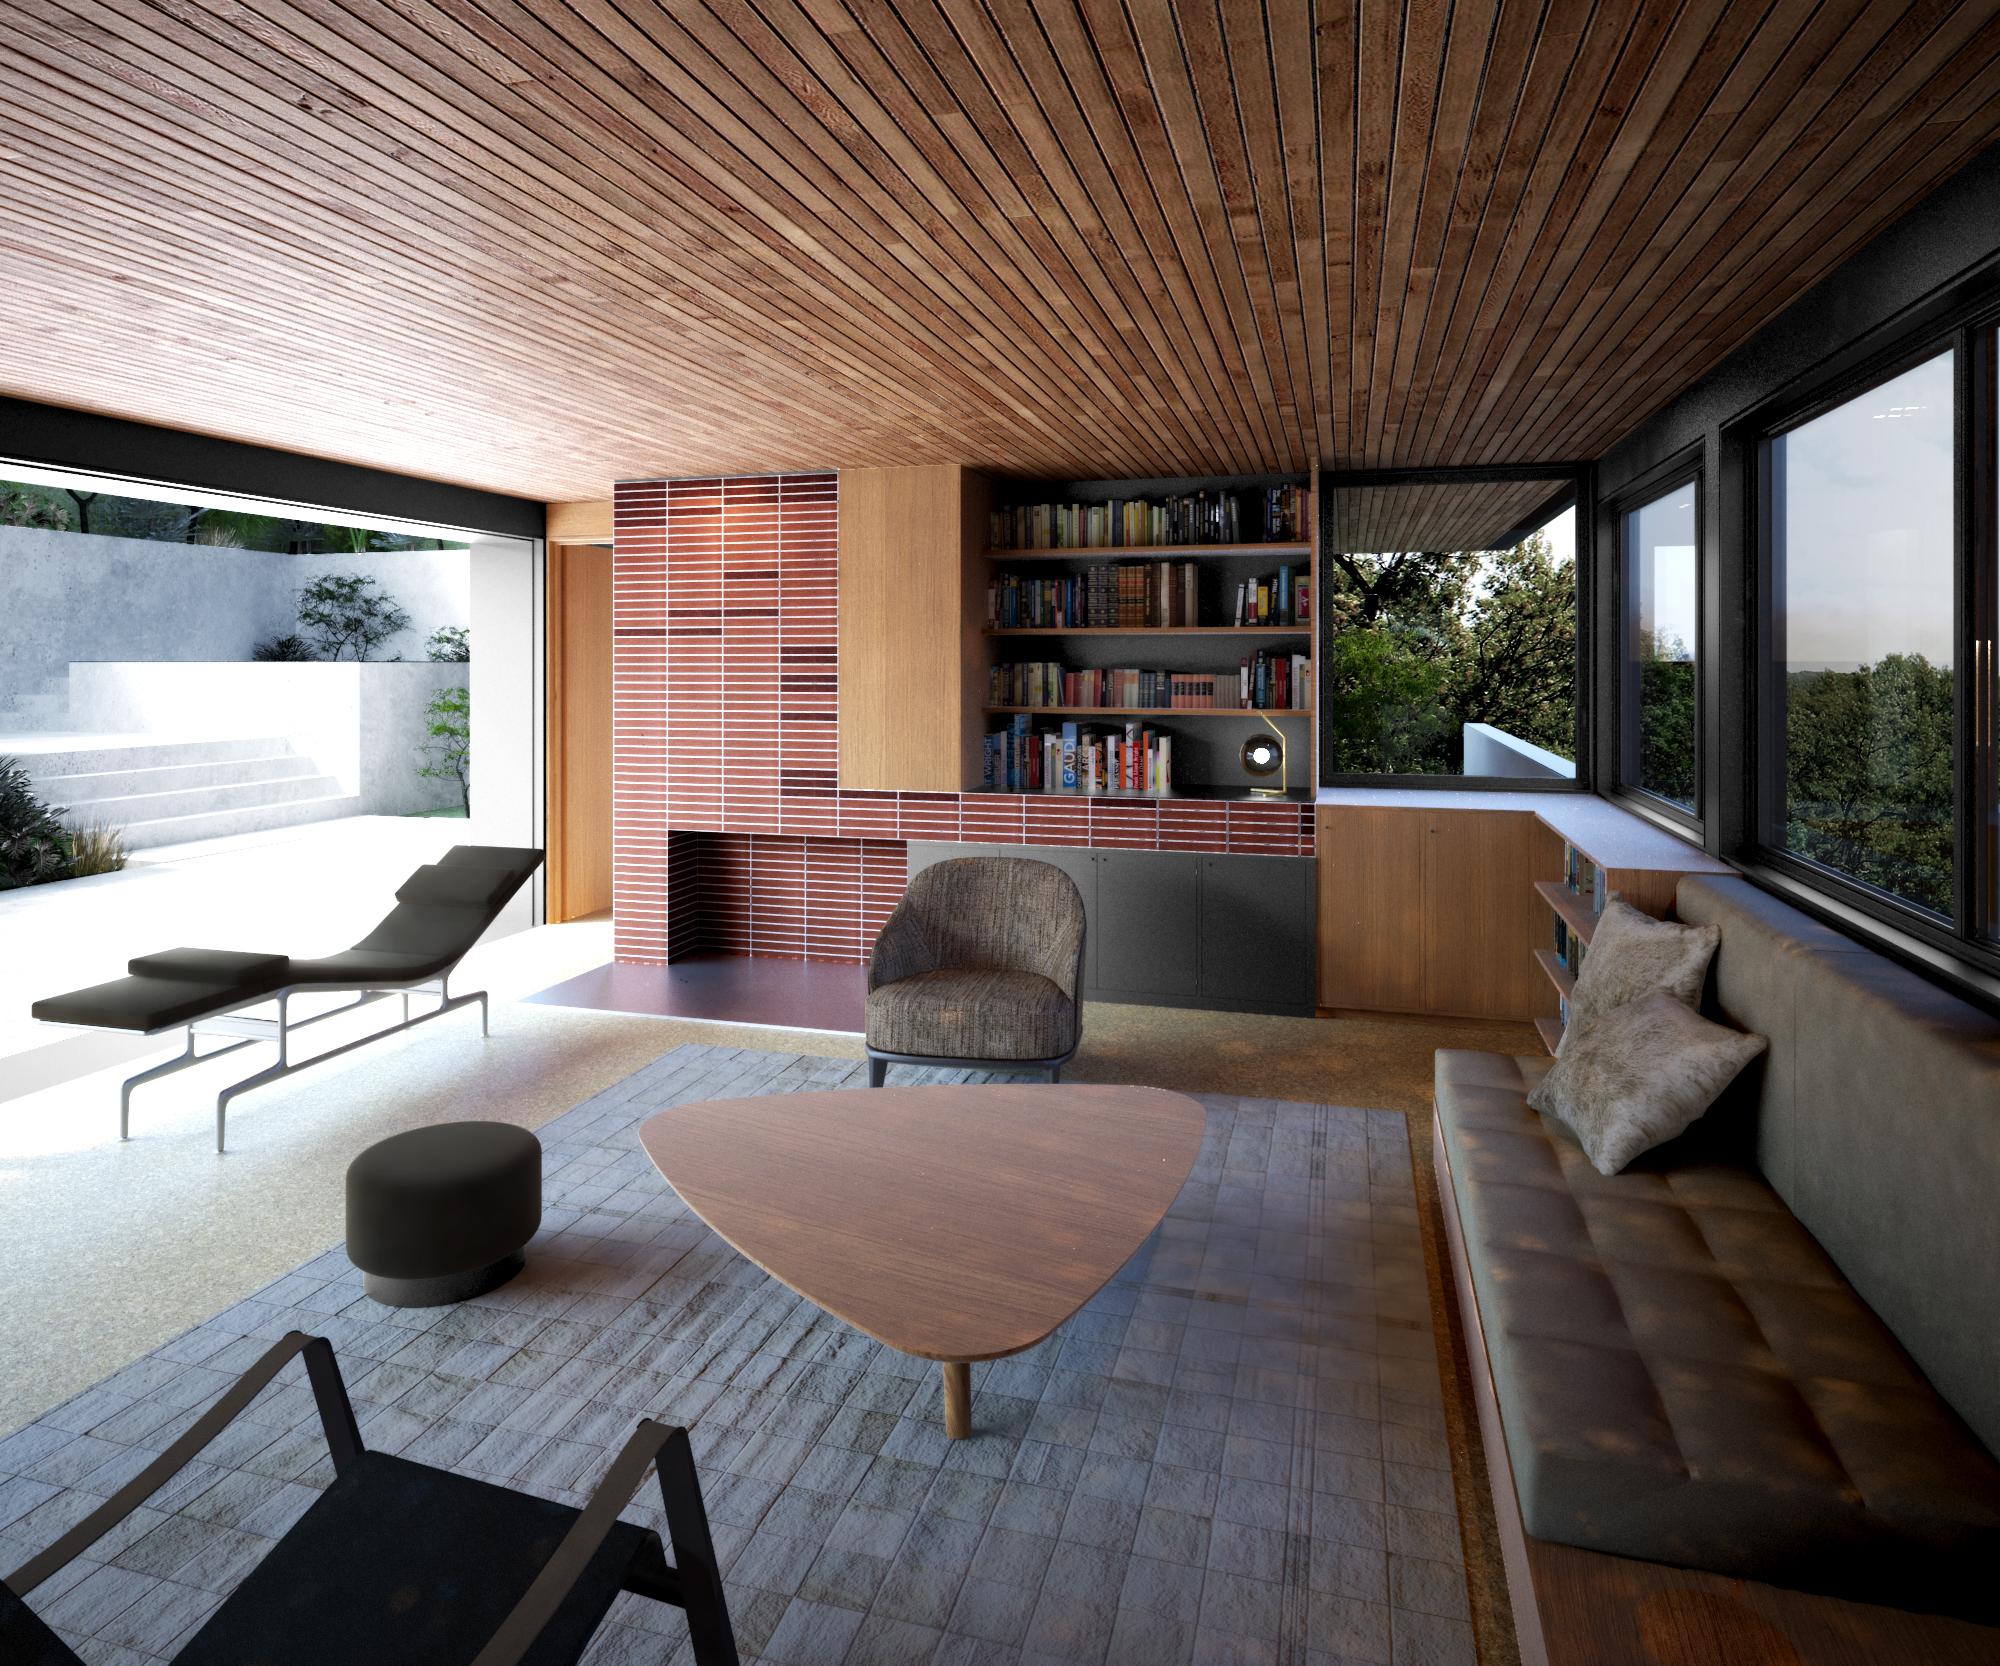 HN_170120_Living Room 1.jpg